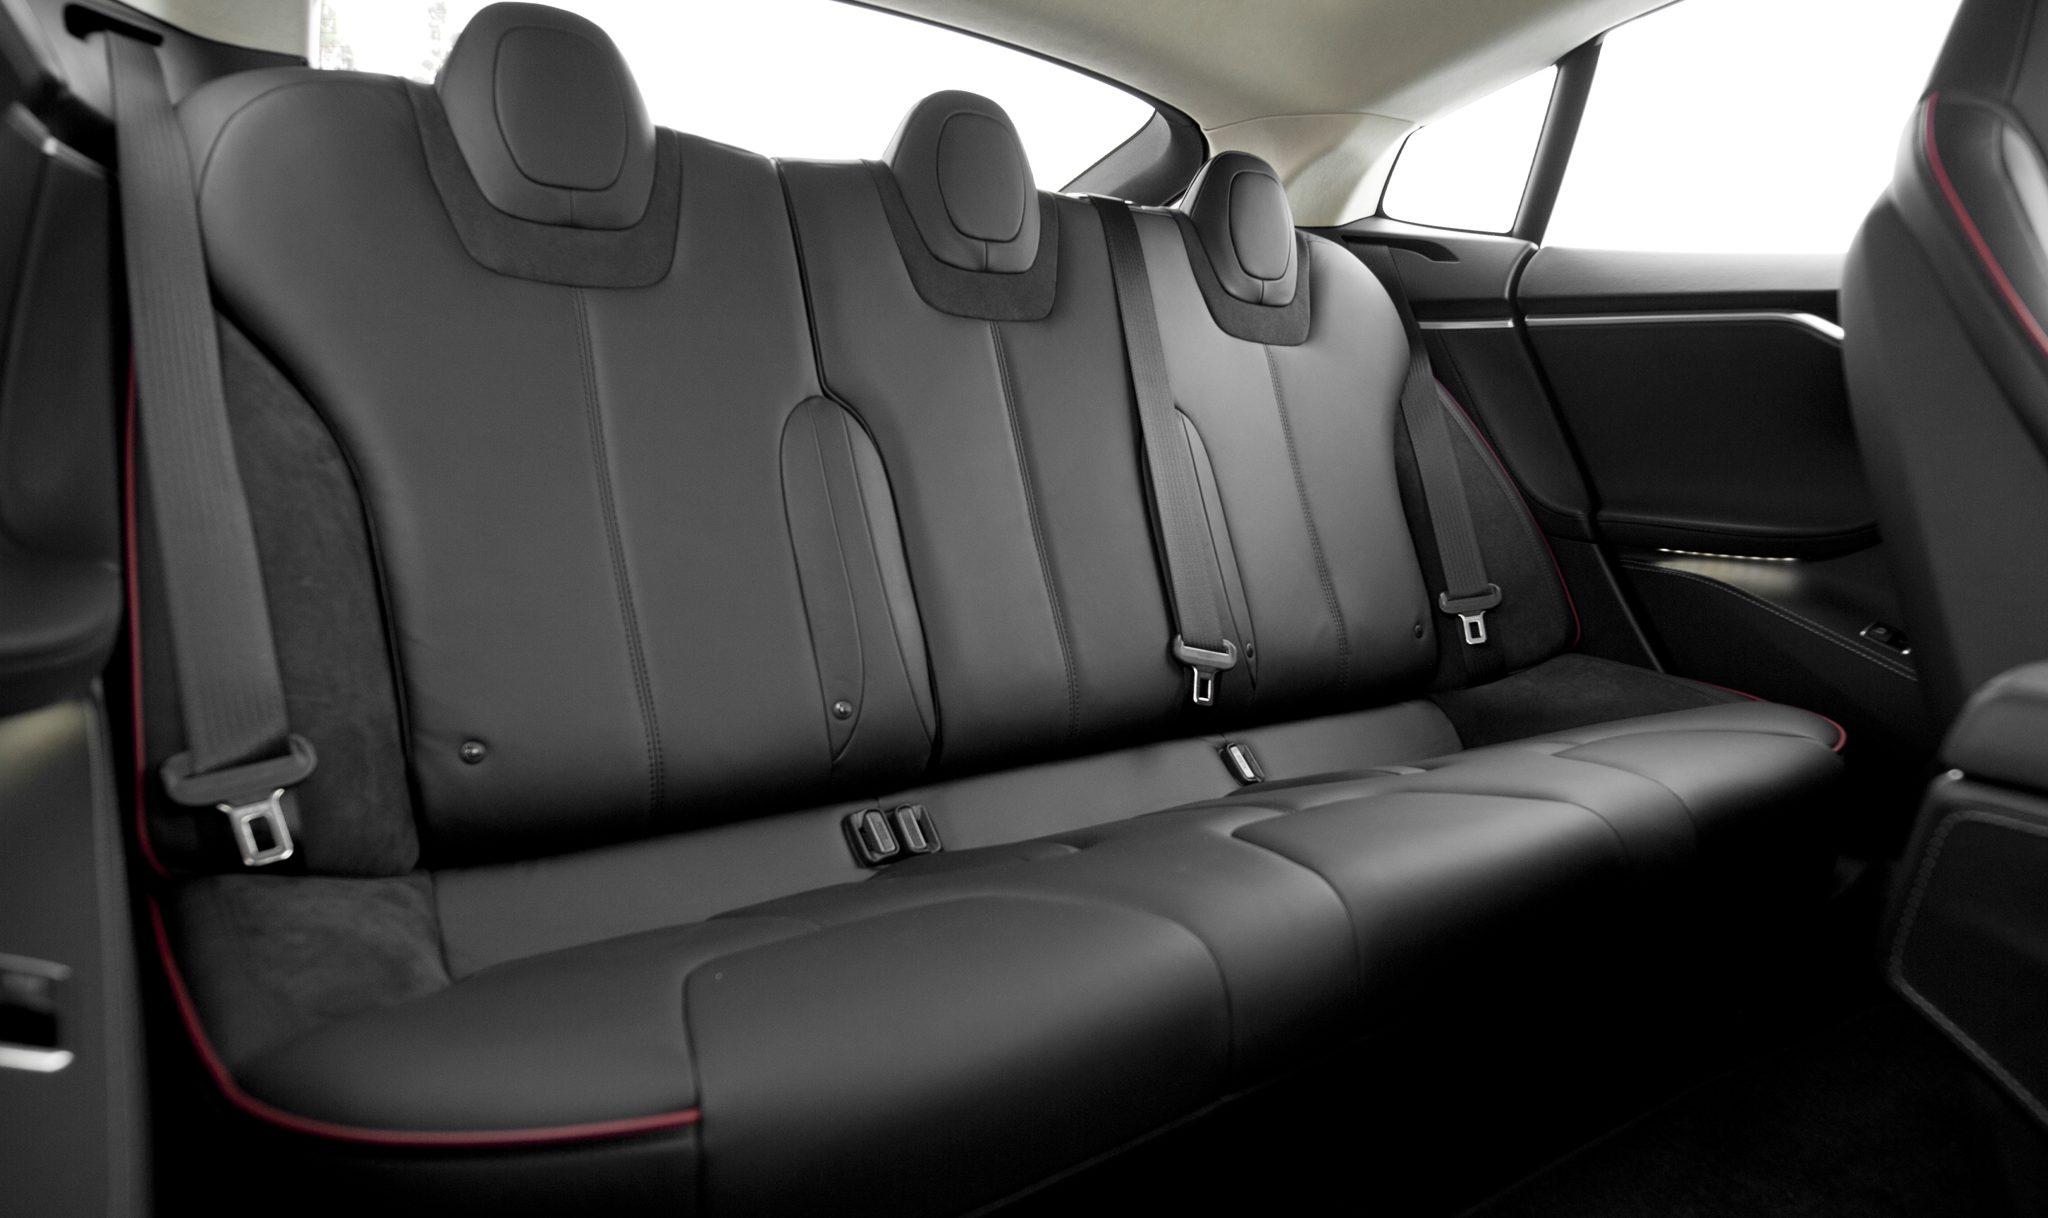 Tesla model s seats comfort